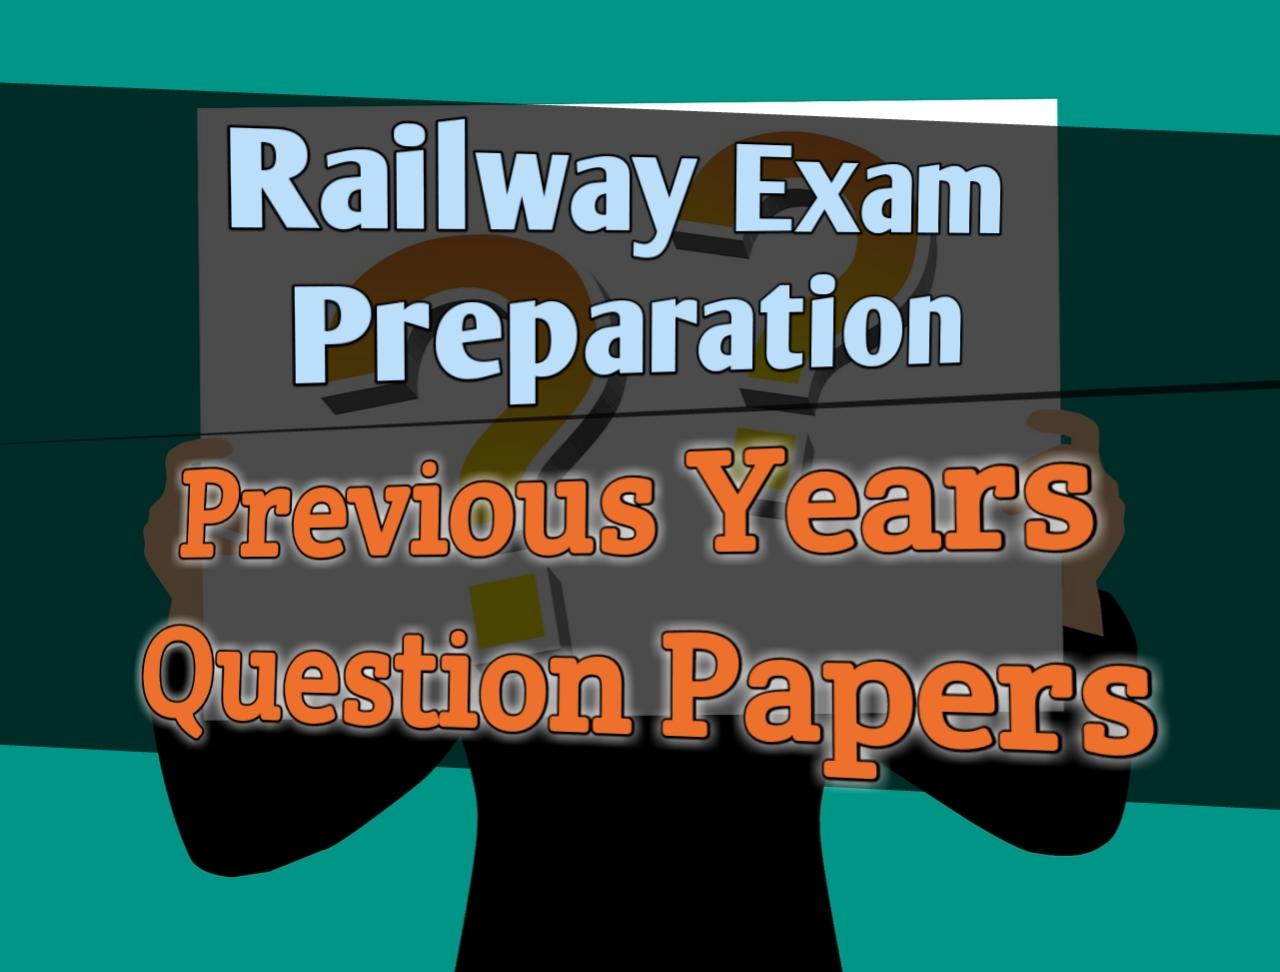 Rrc Group D Question Paper Pdf